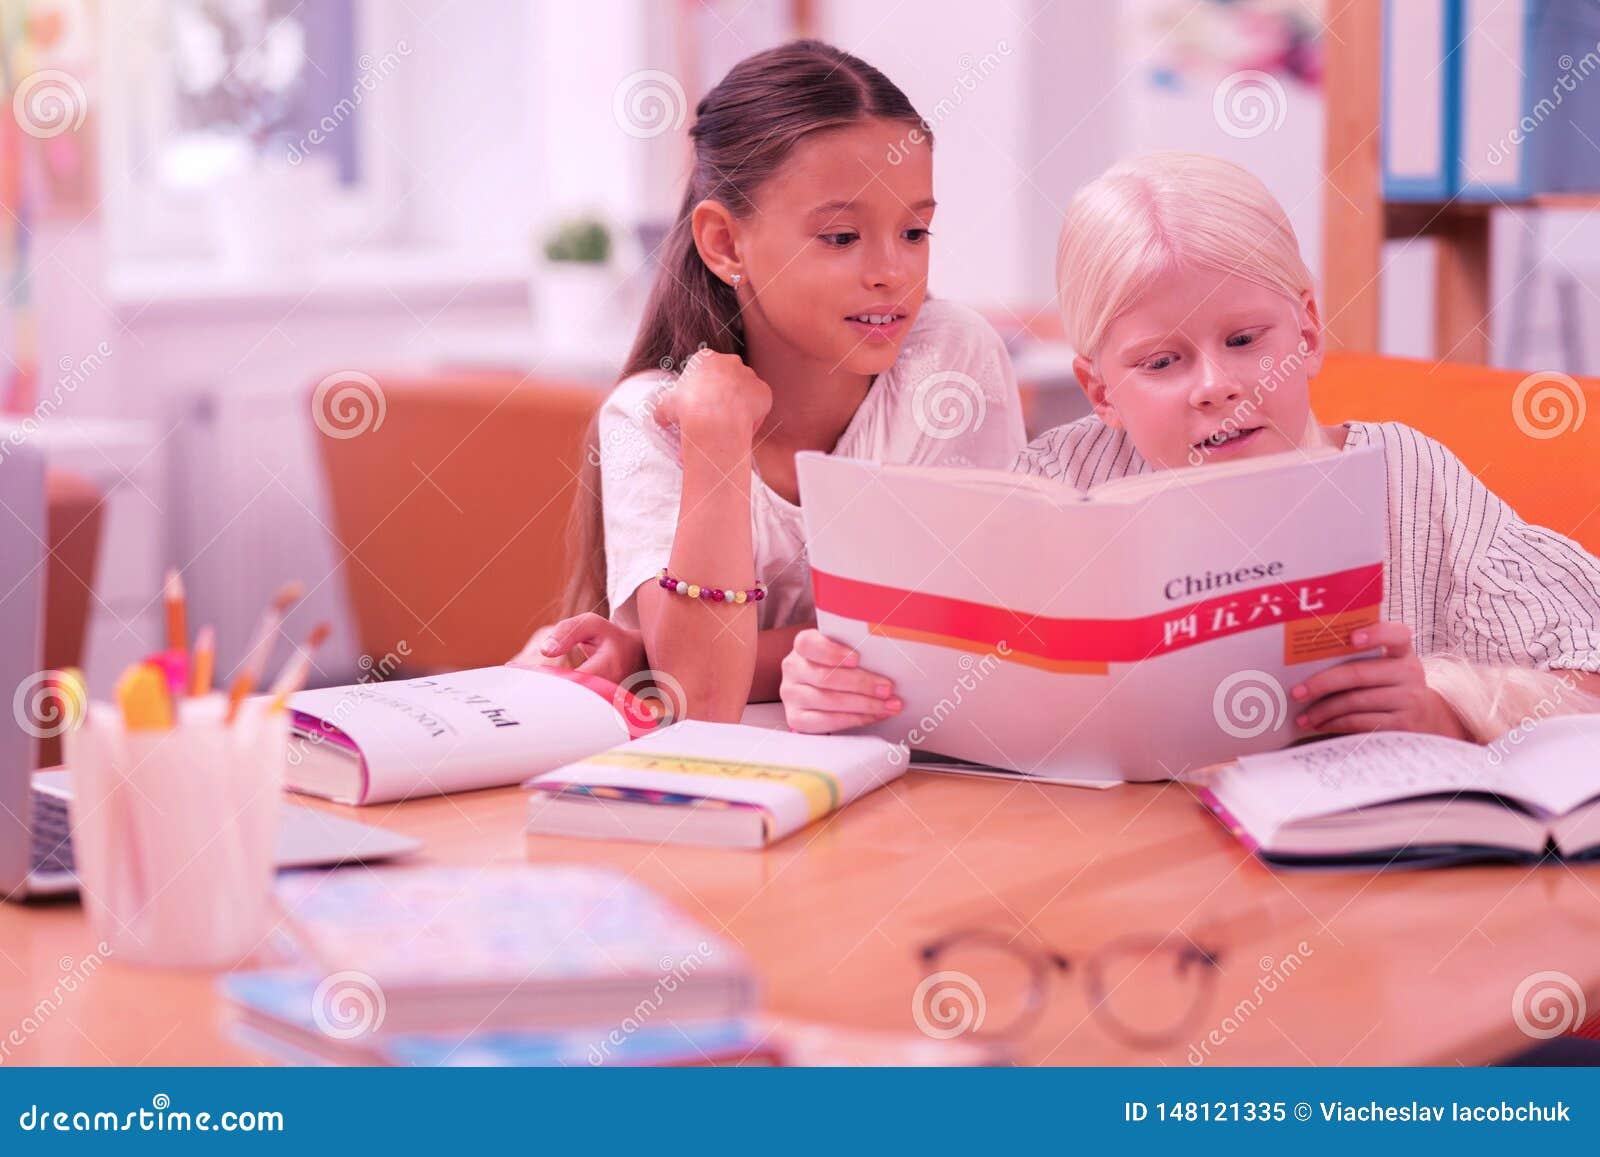 Zwei nette Kinder, die ein chinesisches Buch lesen